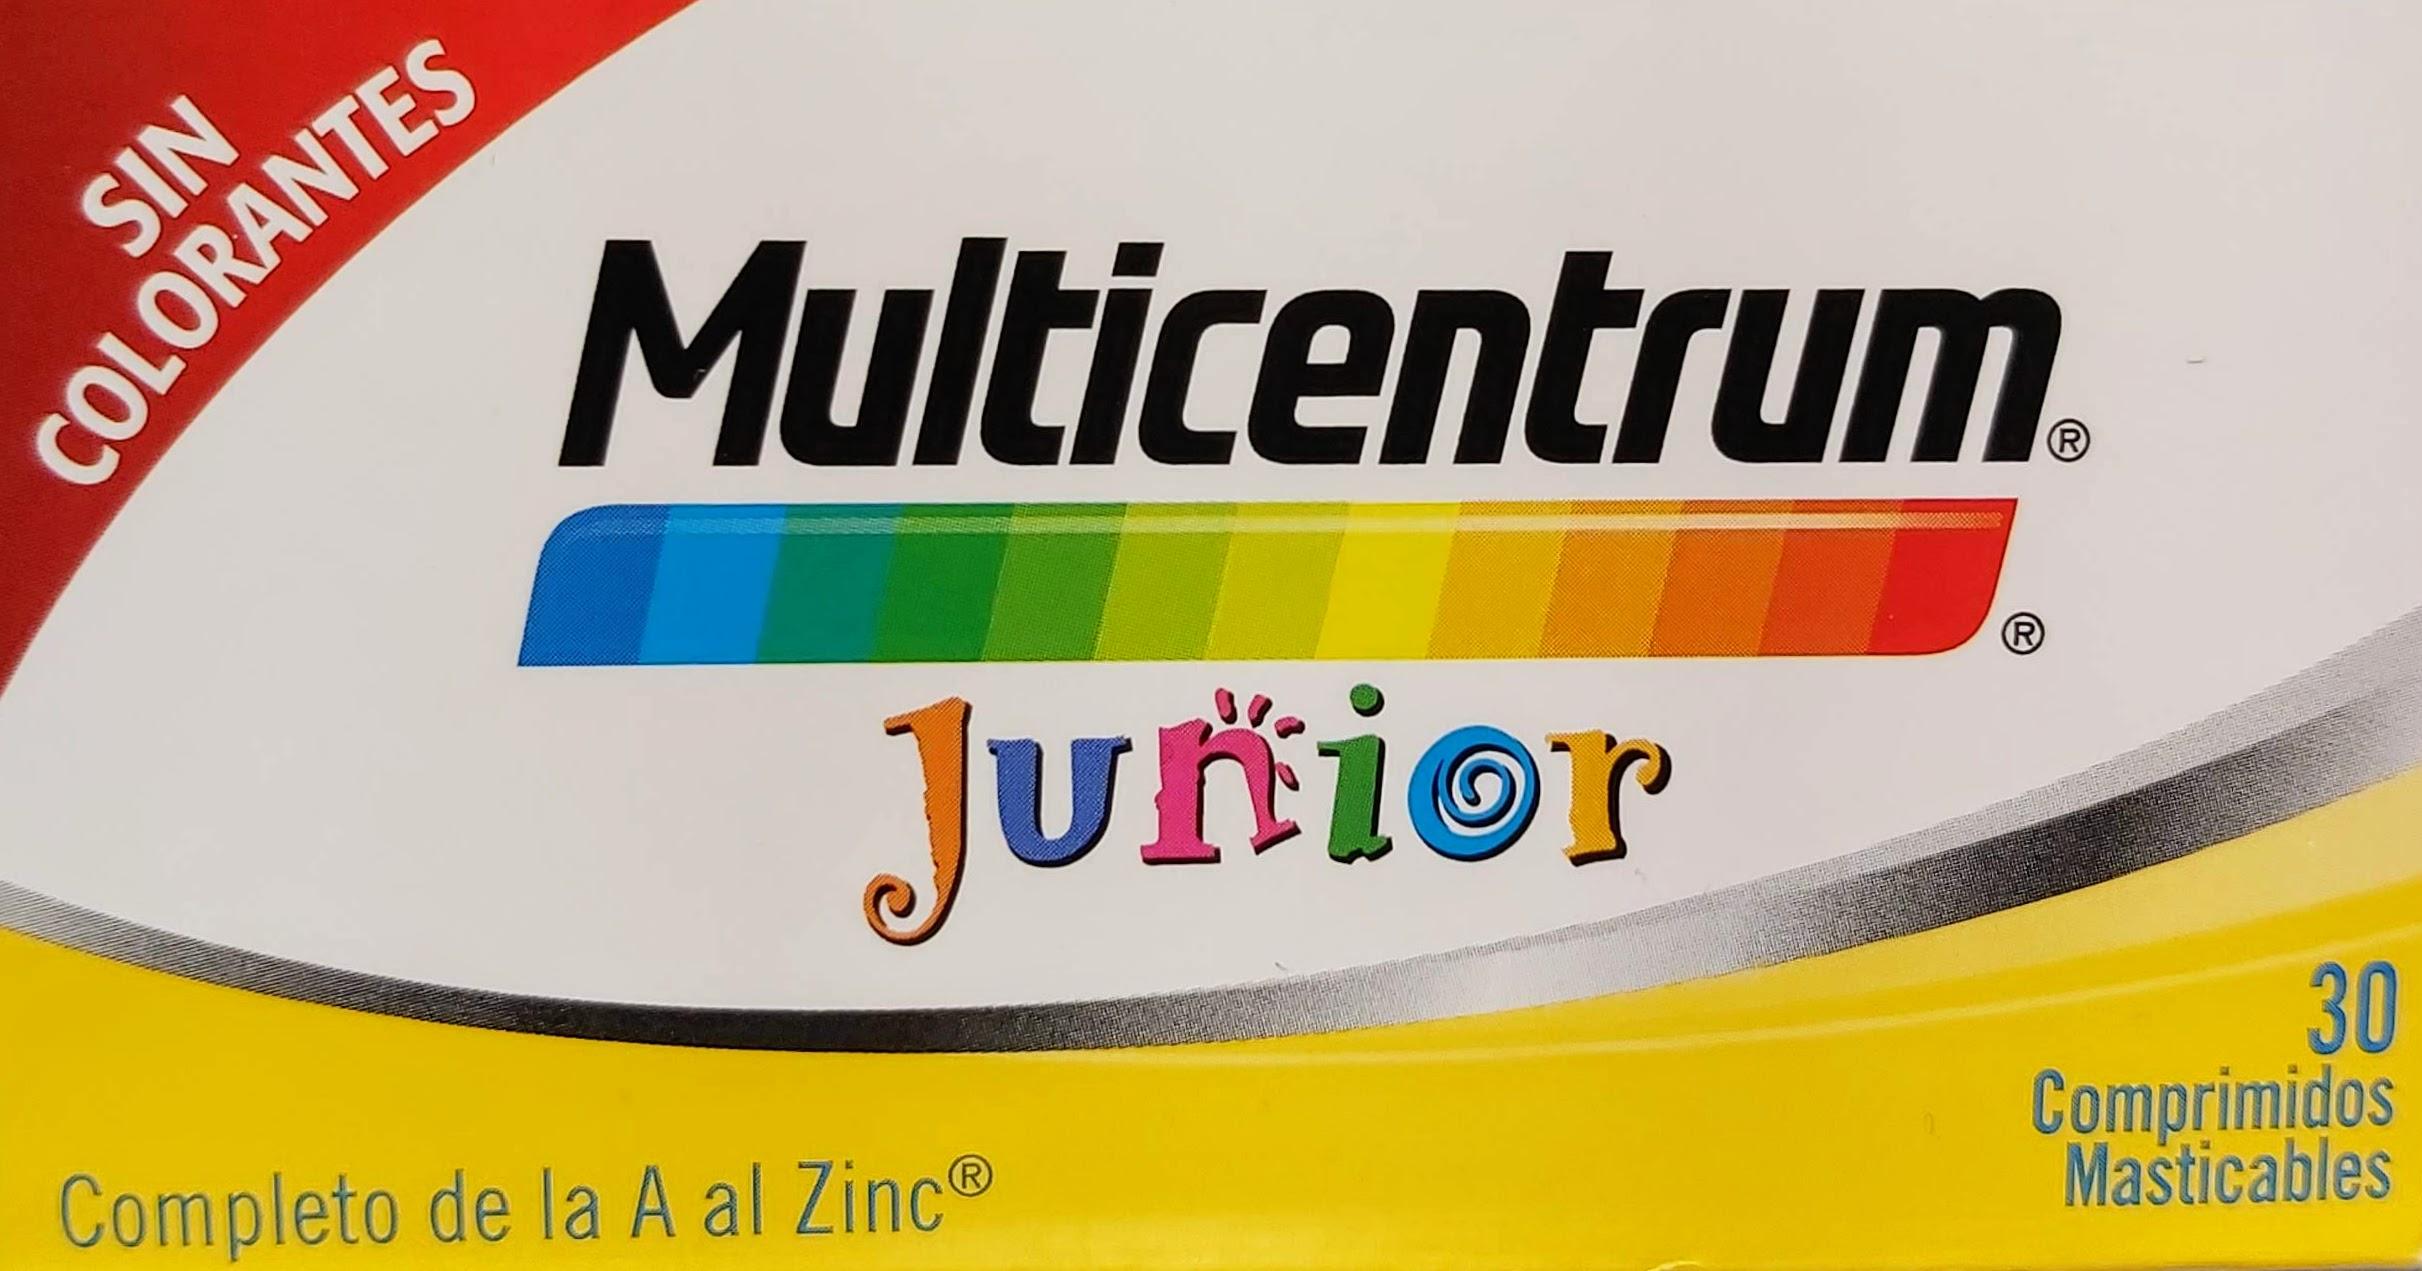 MULTICENTRUM Junior las Vitaminas y los Minerales son imprescindibles para el correcto funcionamiento de nuestro organismo, interviniendo en multitud de procesos metabólicos